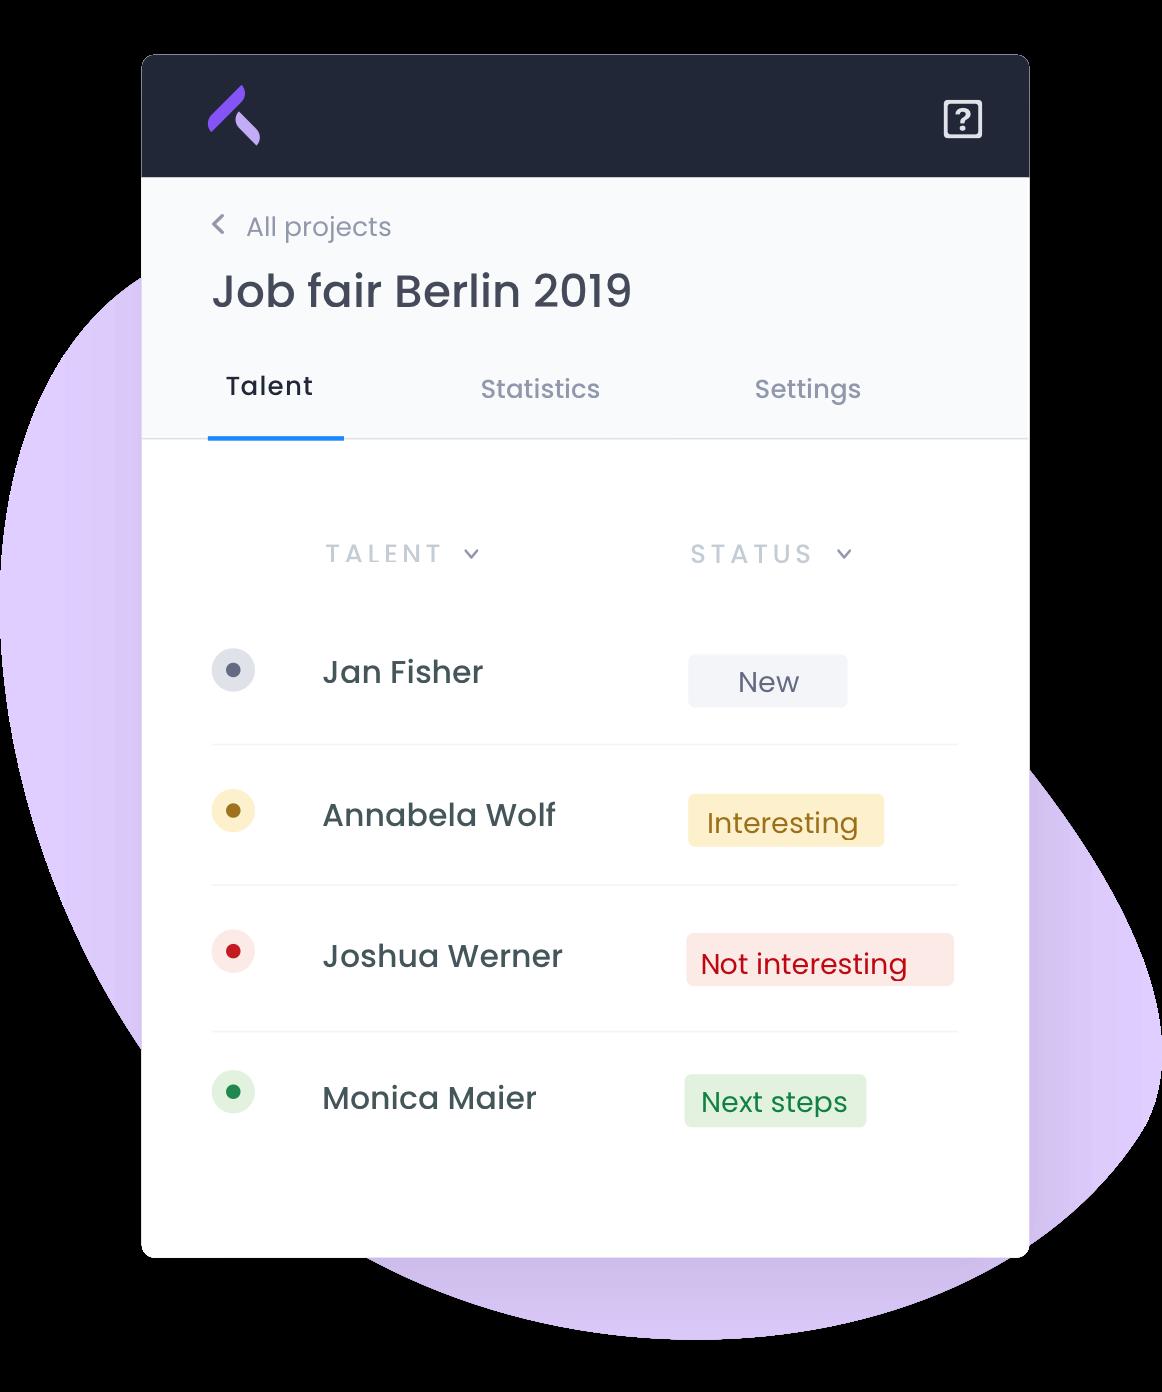 jobfair career fair